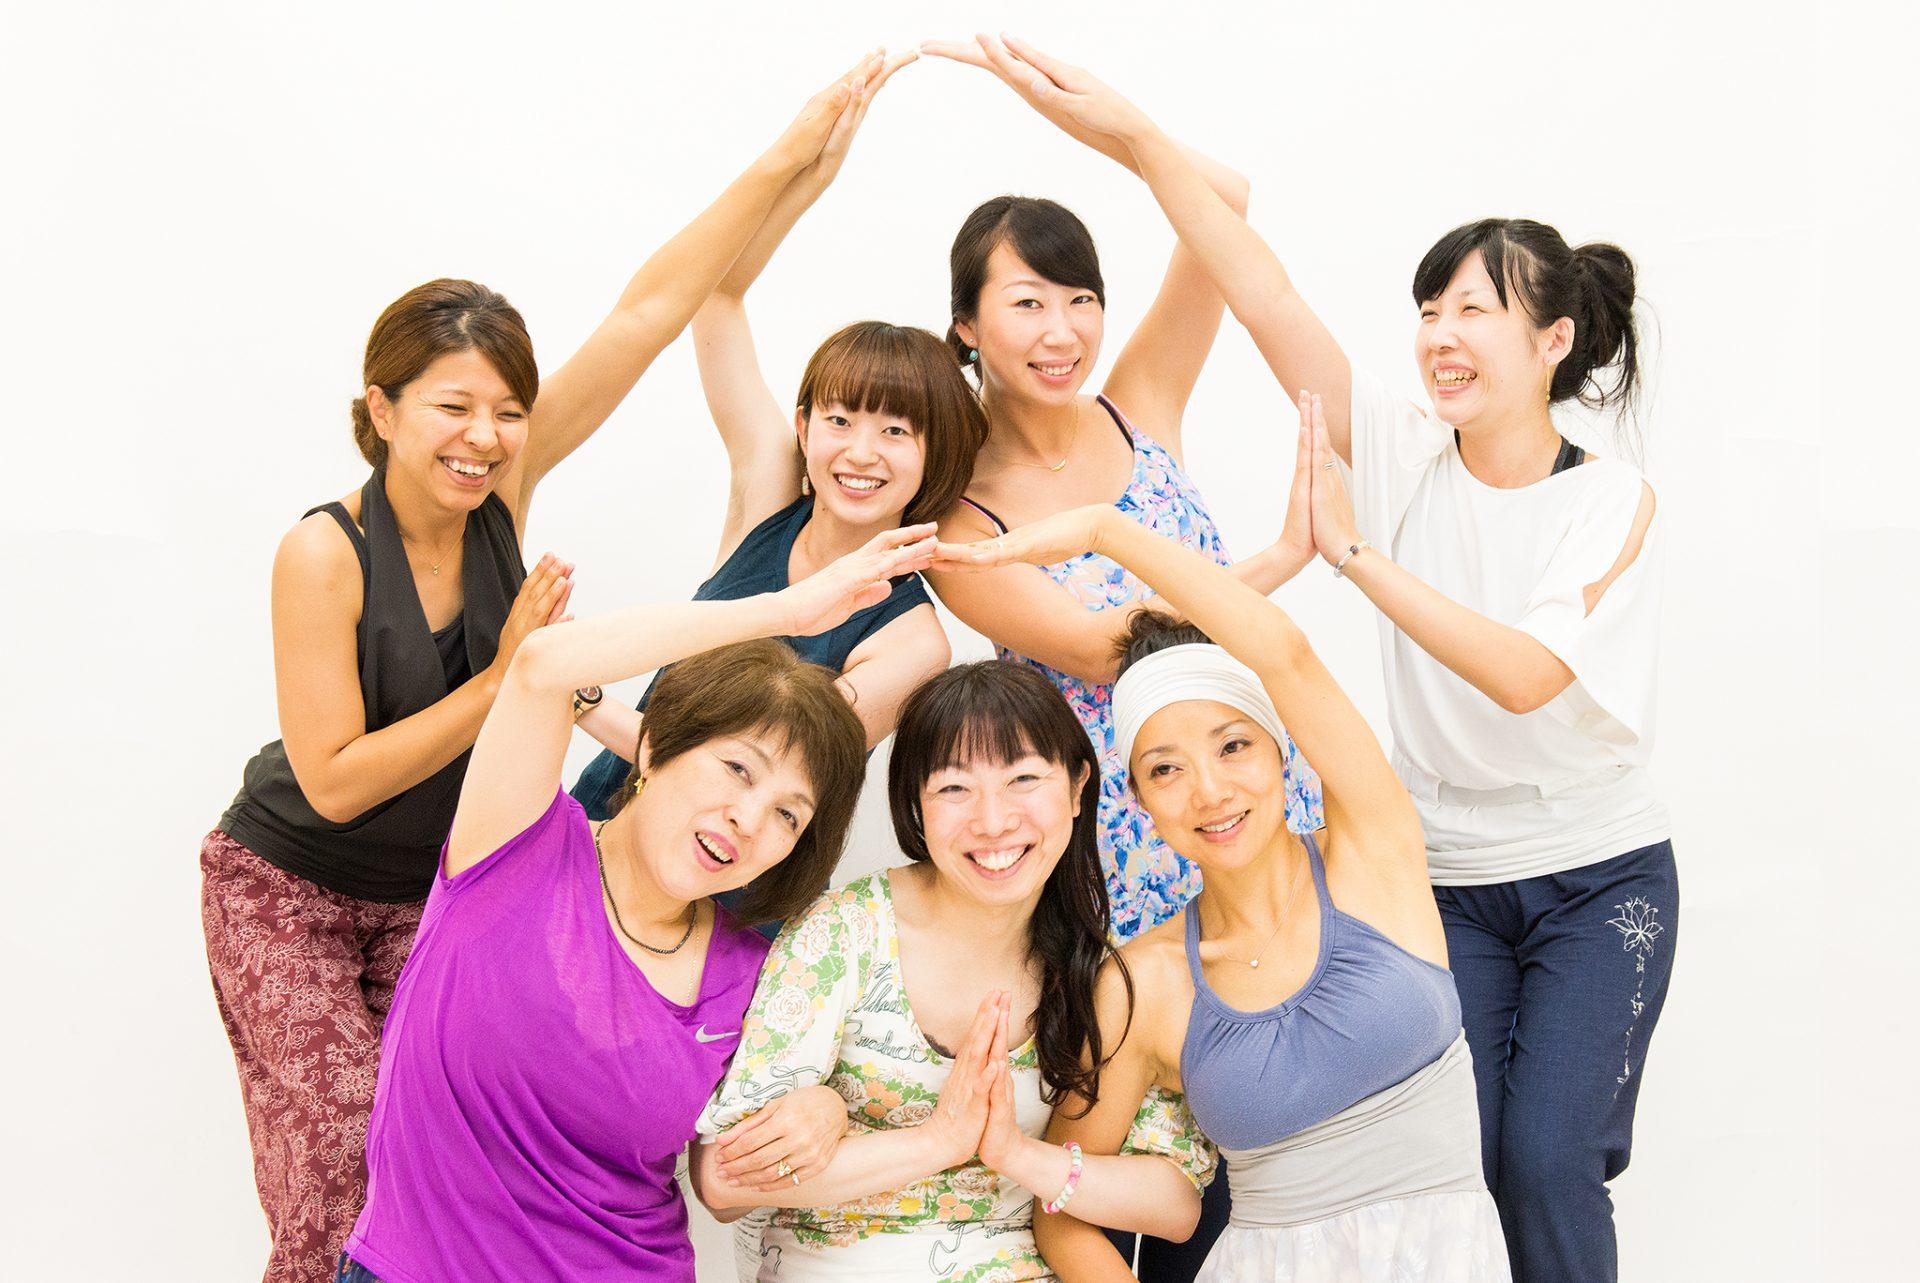 北九州市のヨガスタジオココカラのヨガインストラクター養成講座卒業生たち